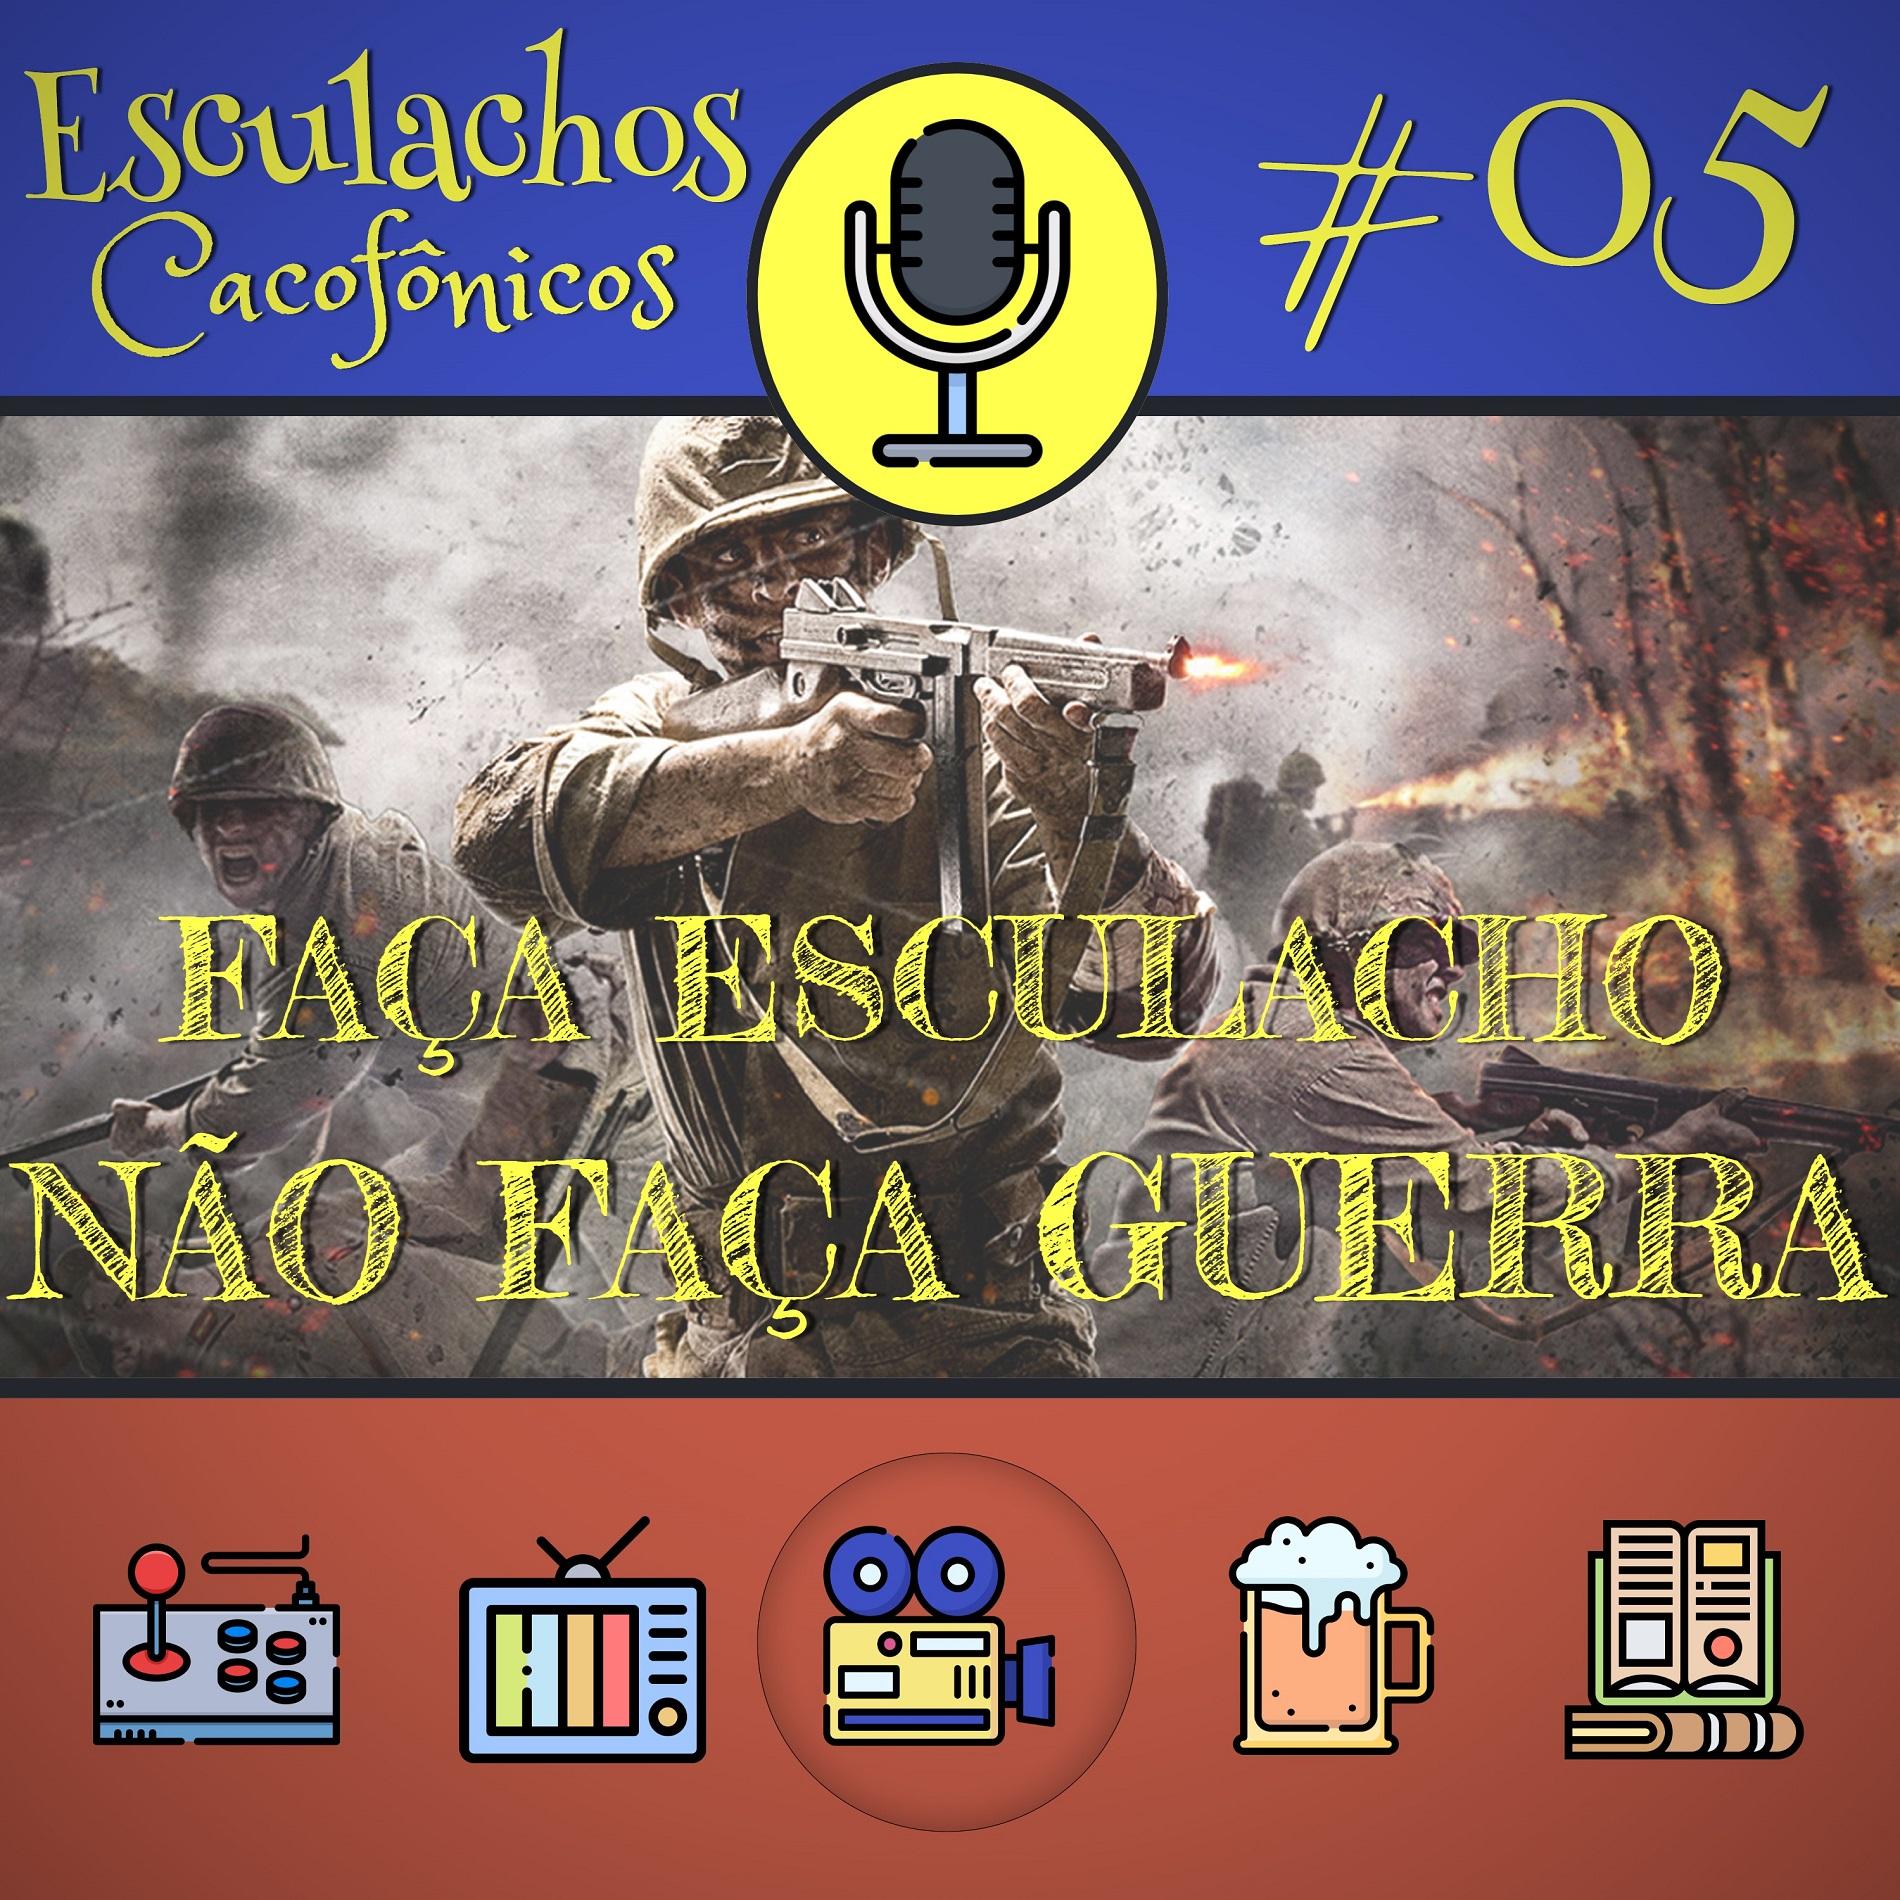 EP #05 - Faça Esculacho, Não Faça Guerra